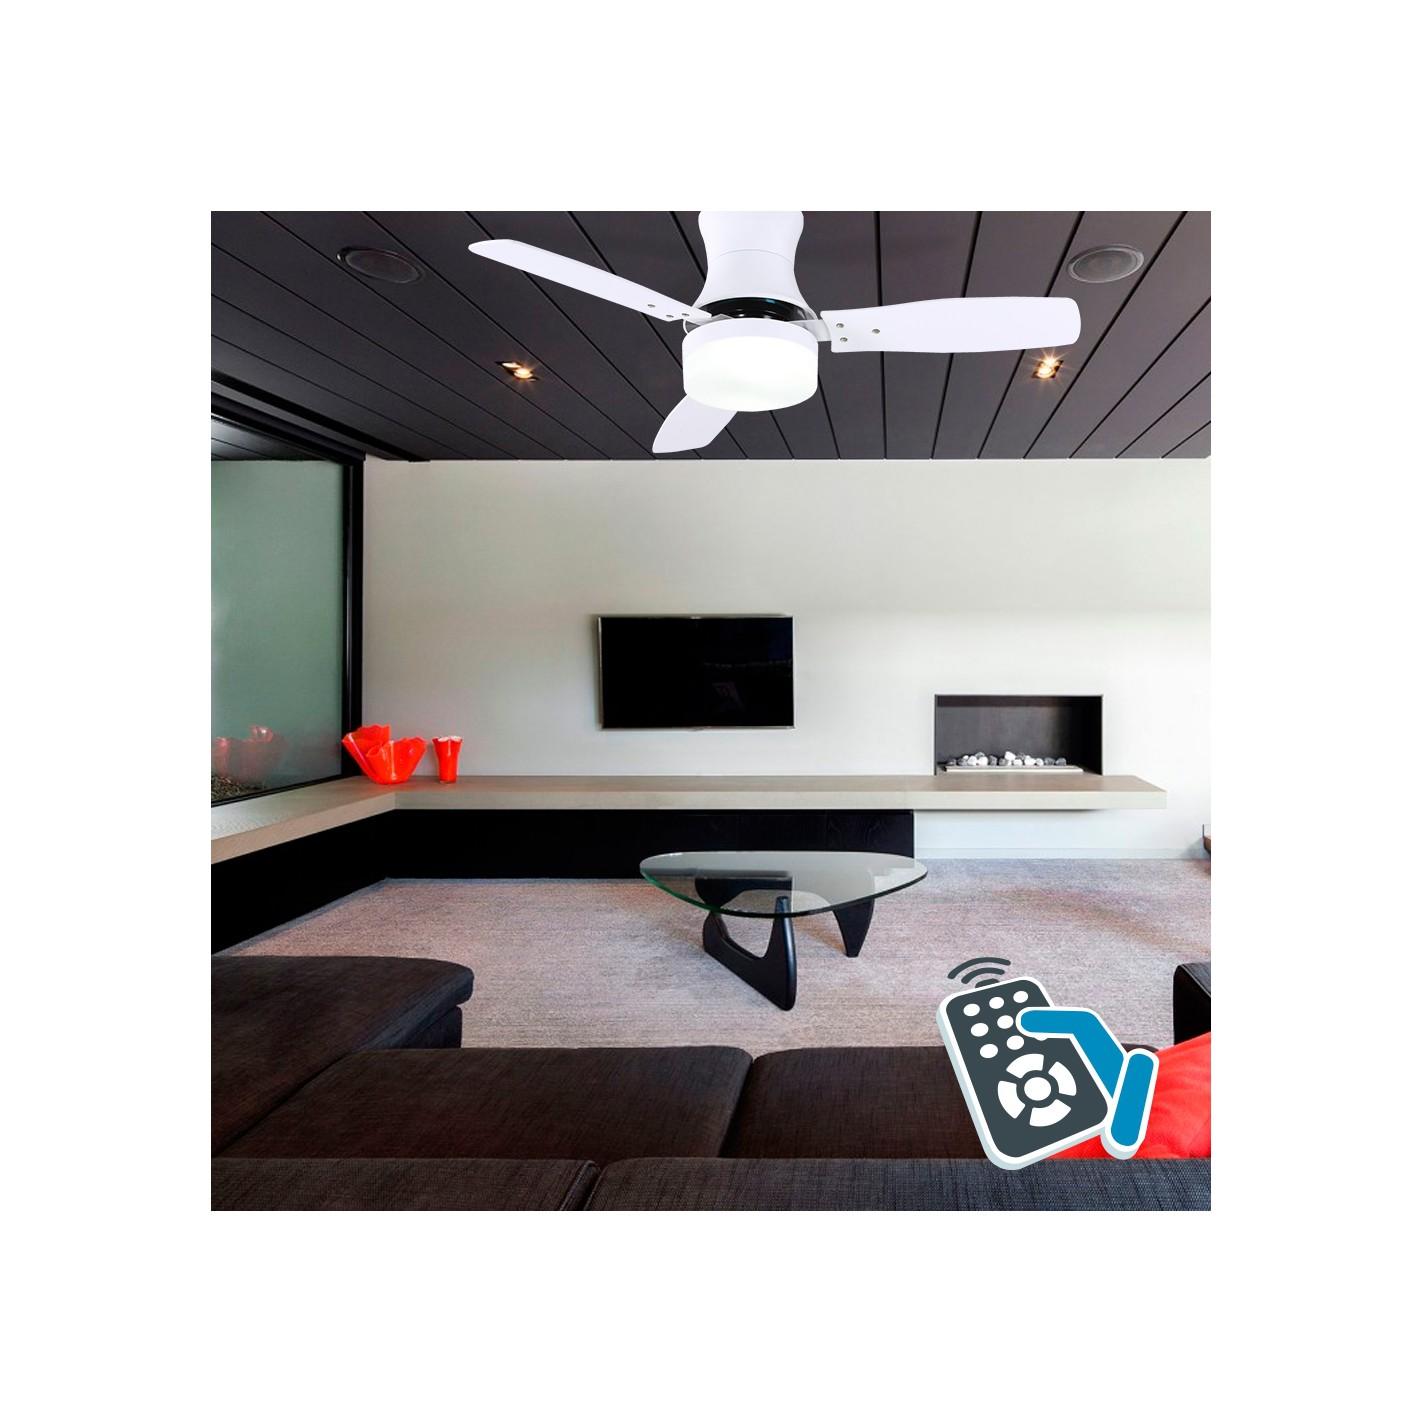 Ventilador de techo con luz serie bur n blanco alg sistemas for Ventilador de techo blanco con luz